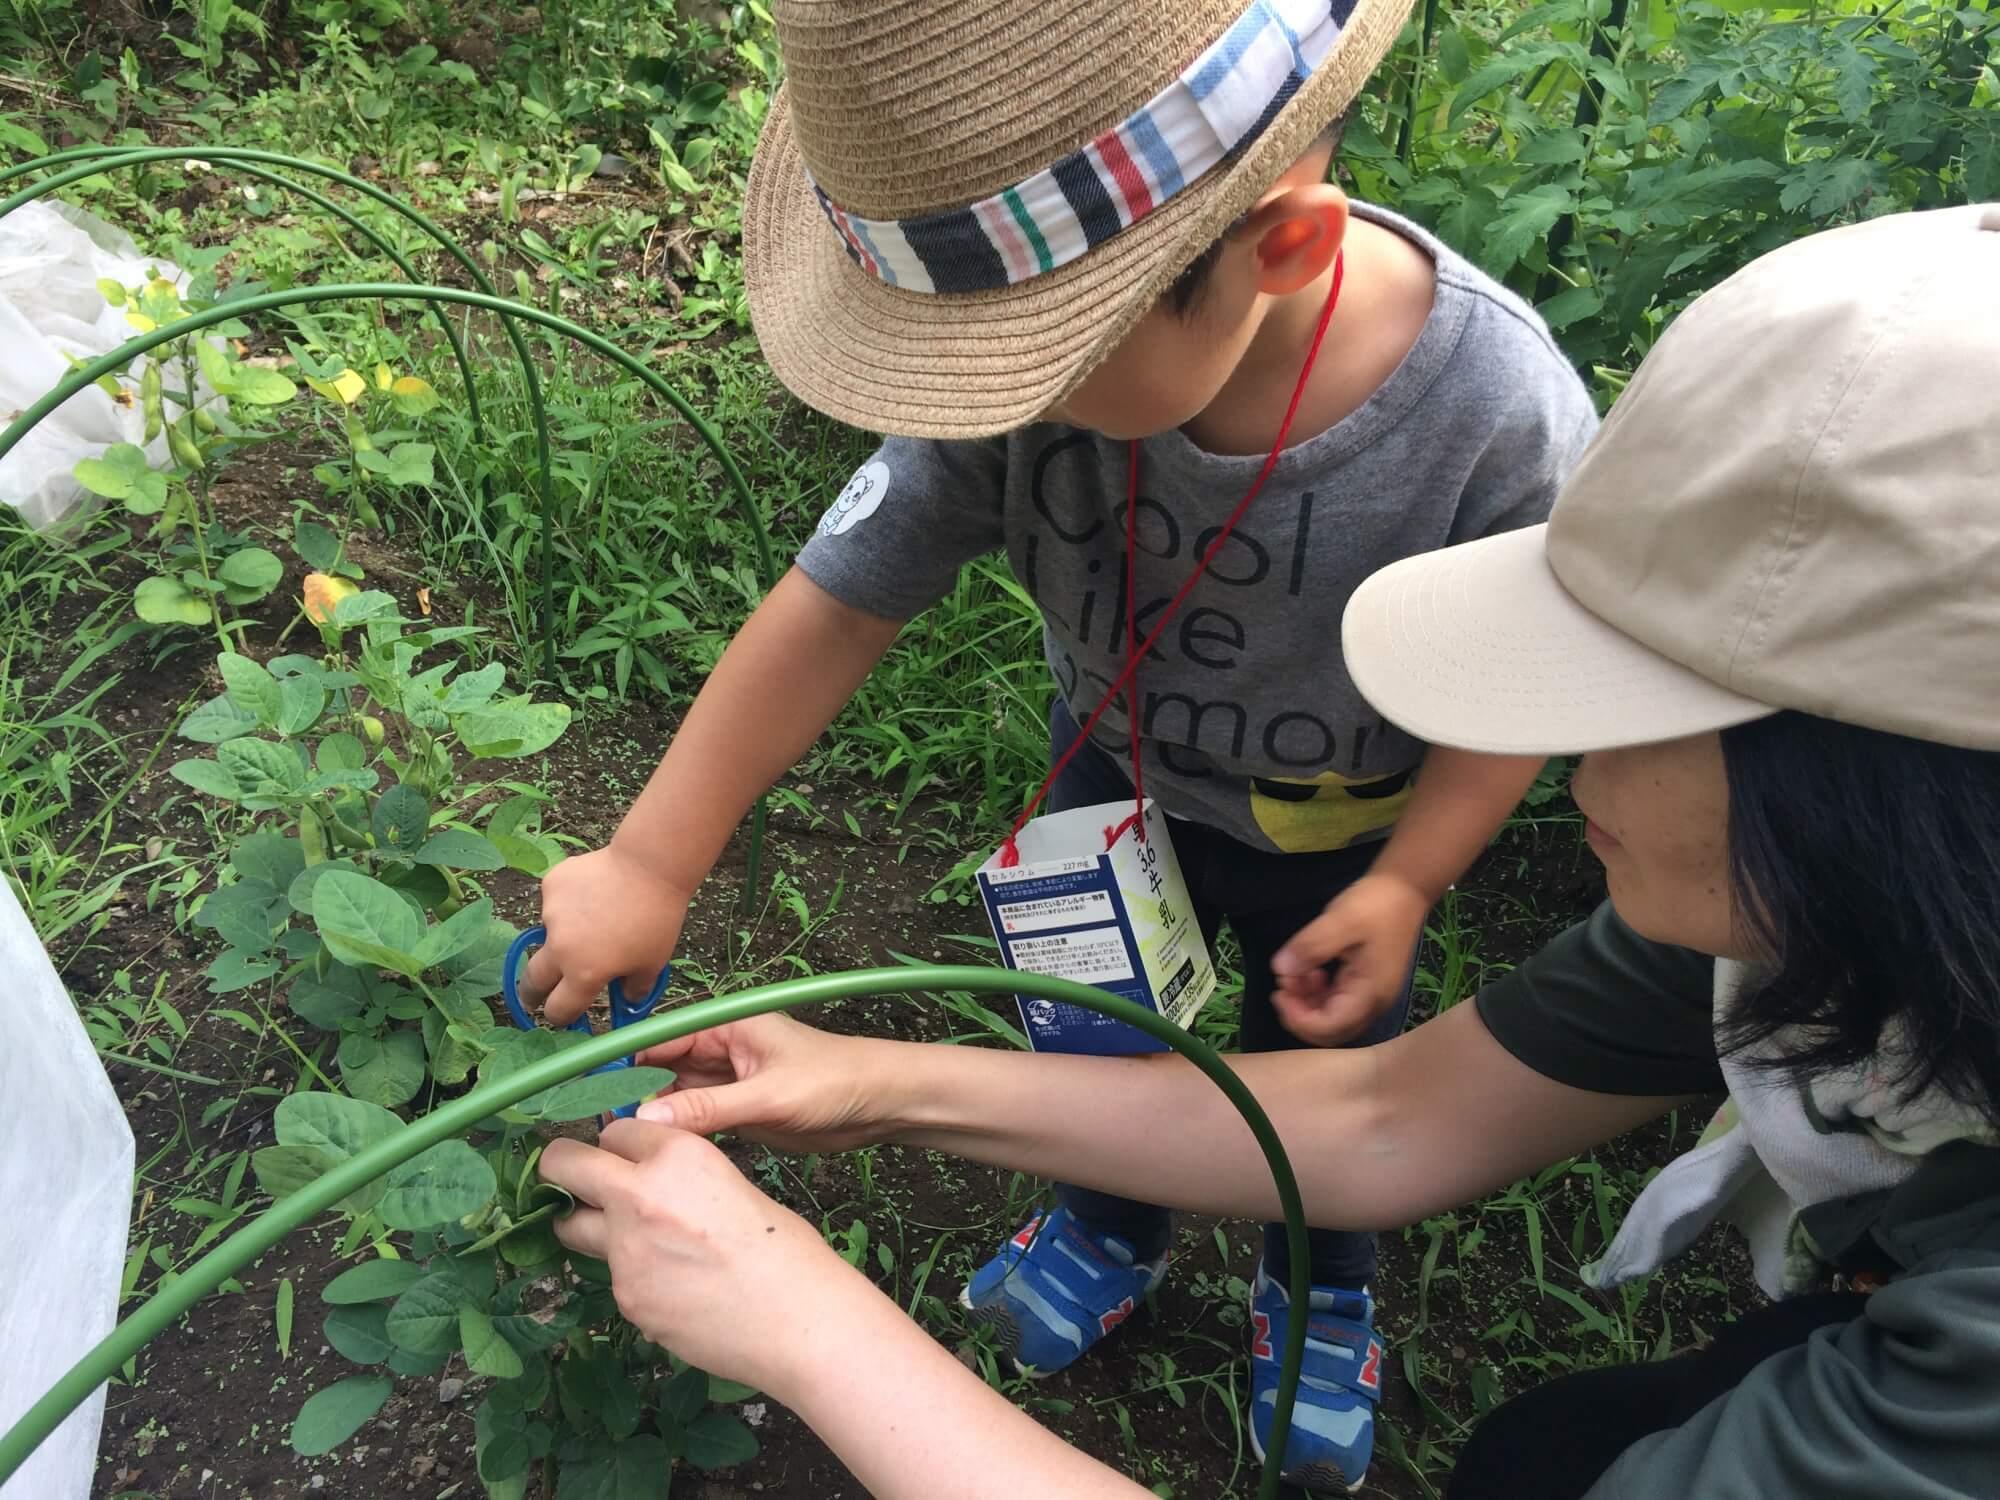 ハサミを使って枝豆を収穫する子ども